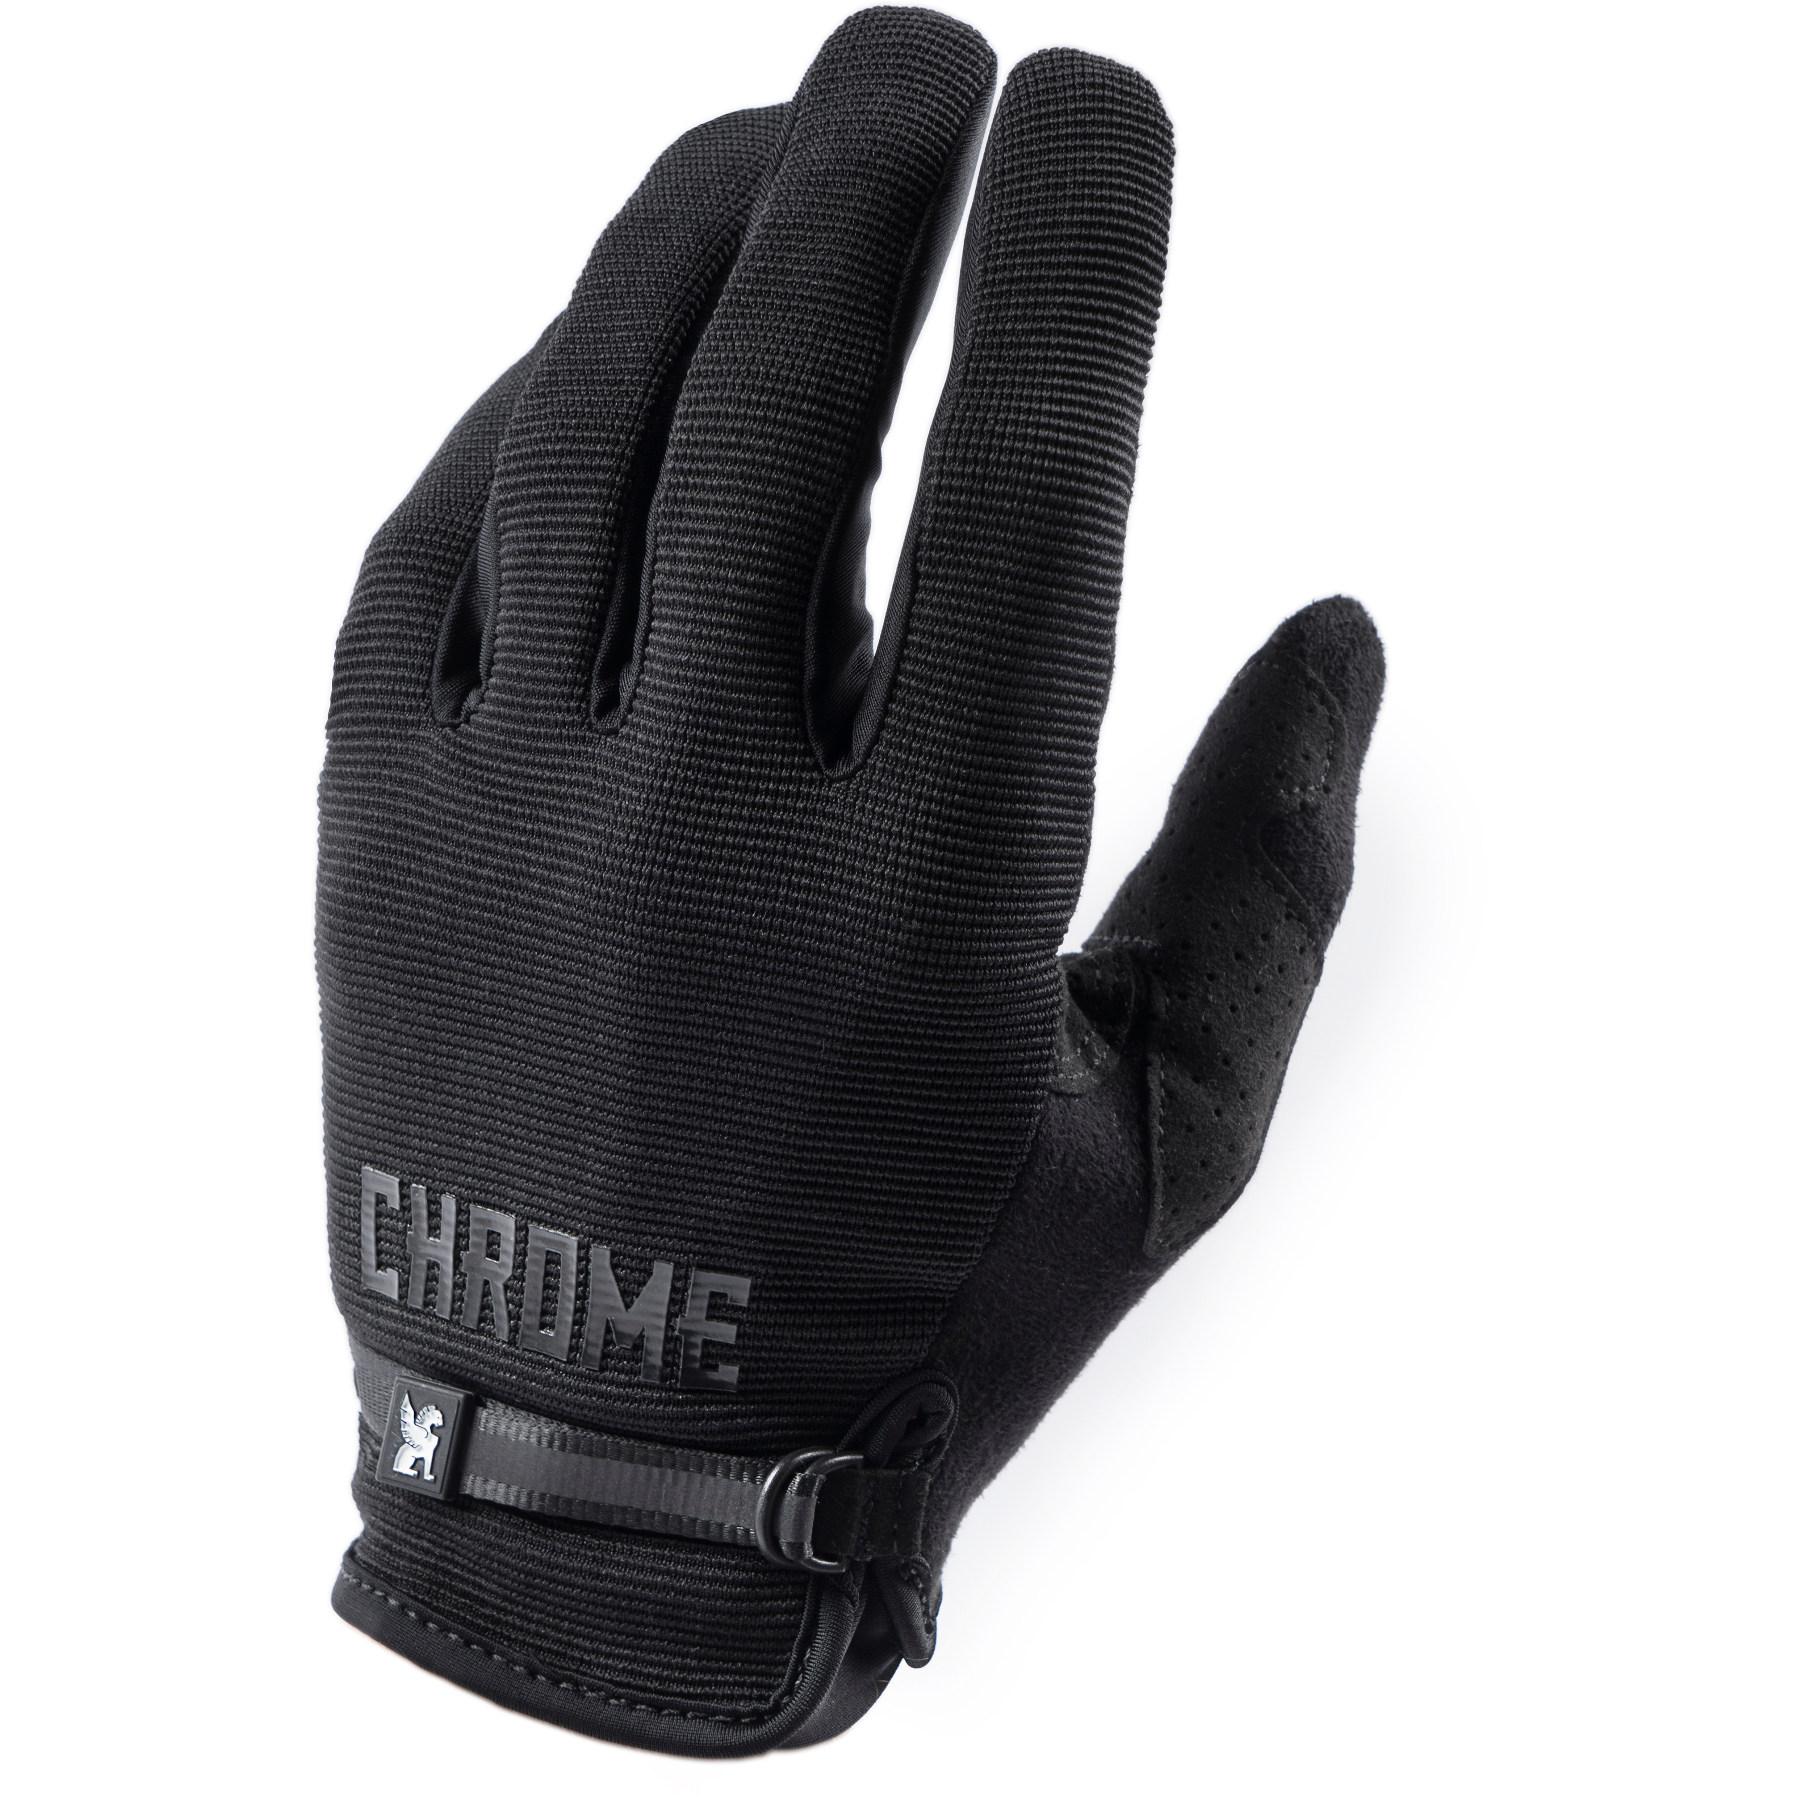 CHROME Cycling Gloves - Black